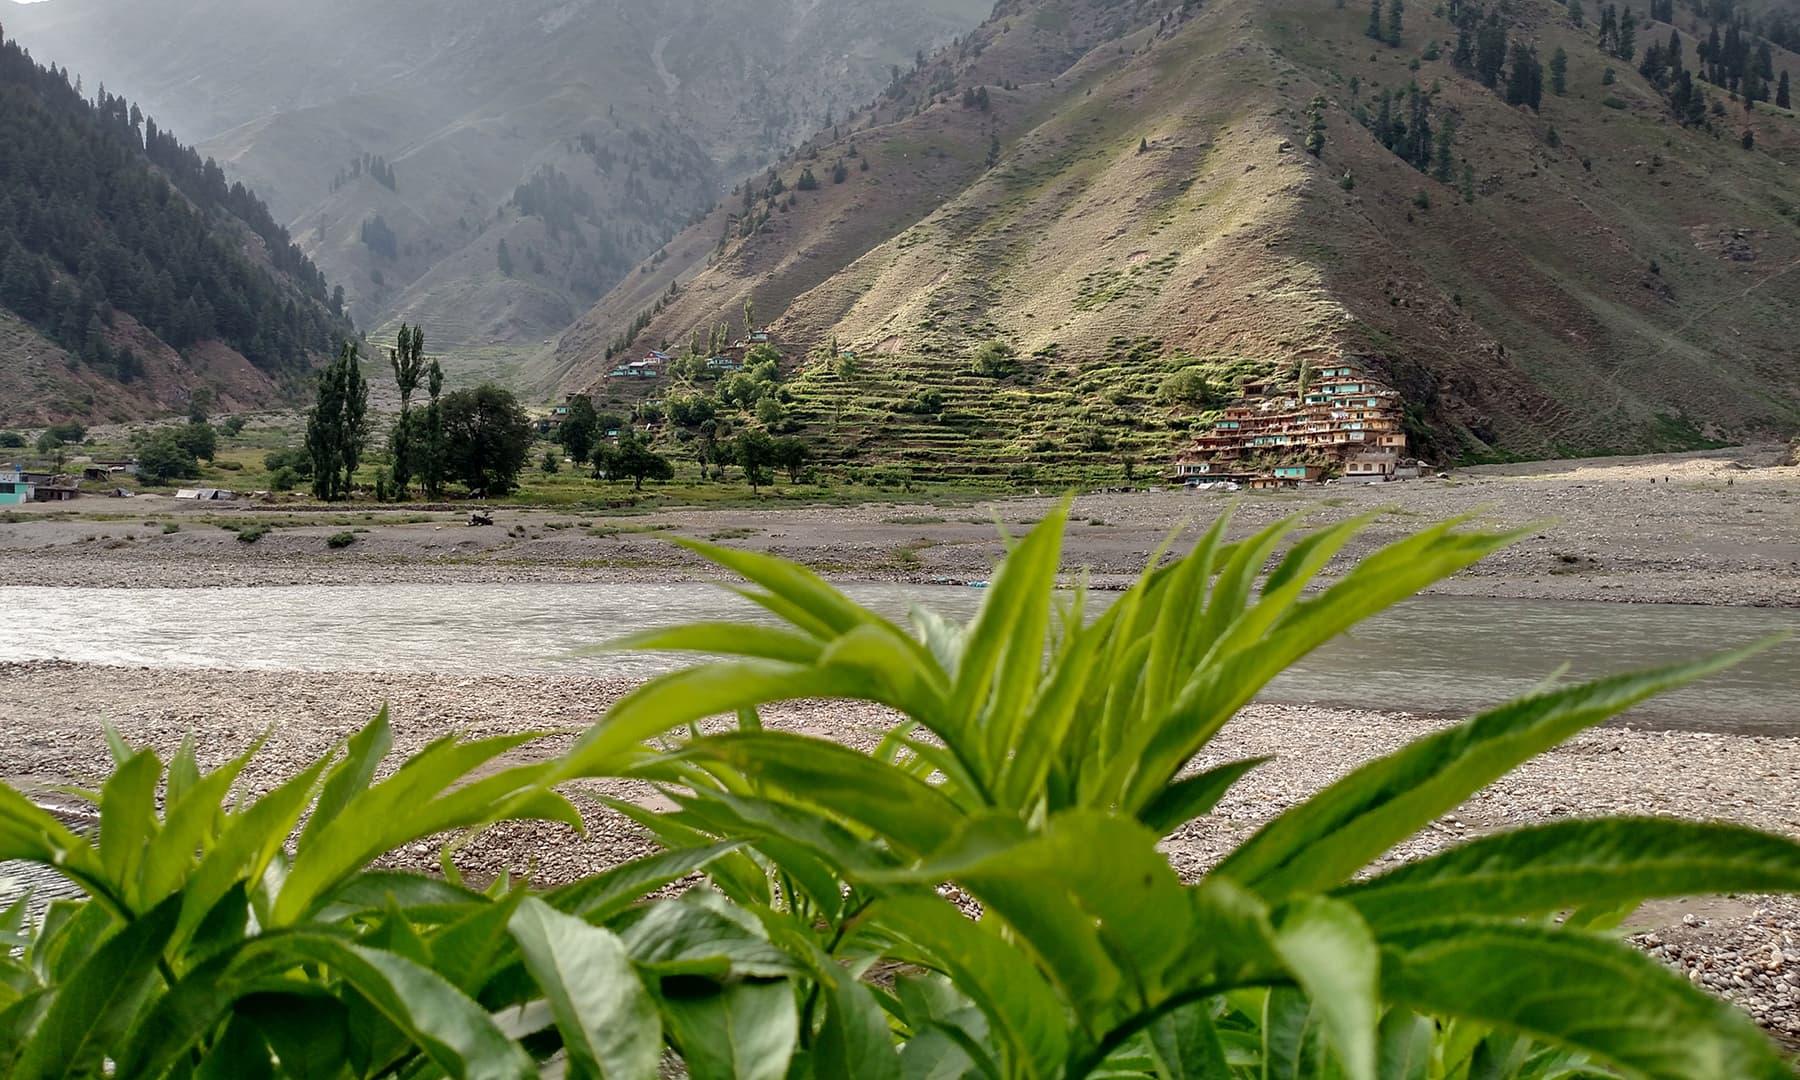 وادئ کاغان کا ایک منظر